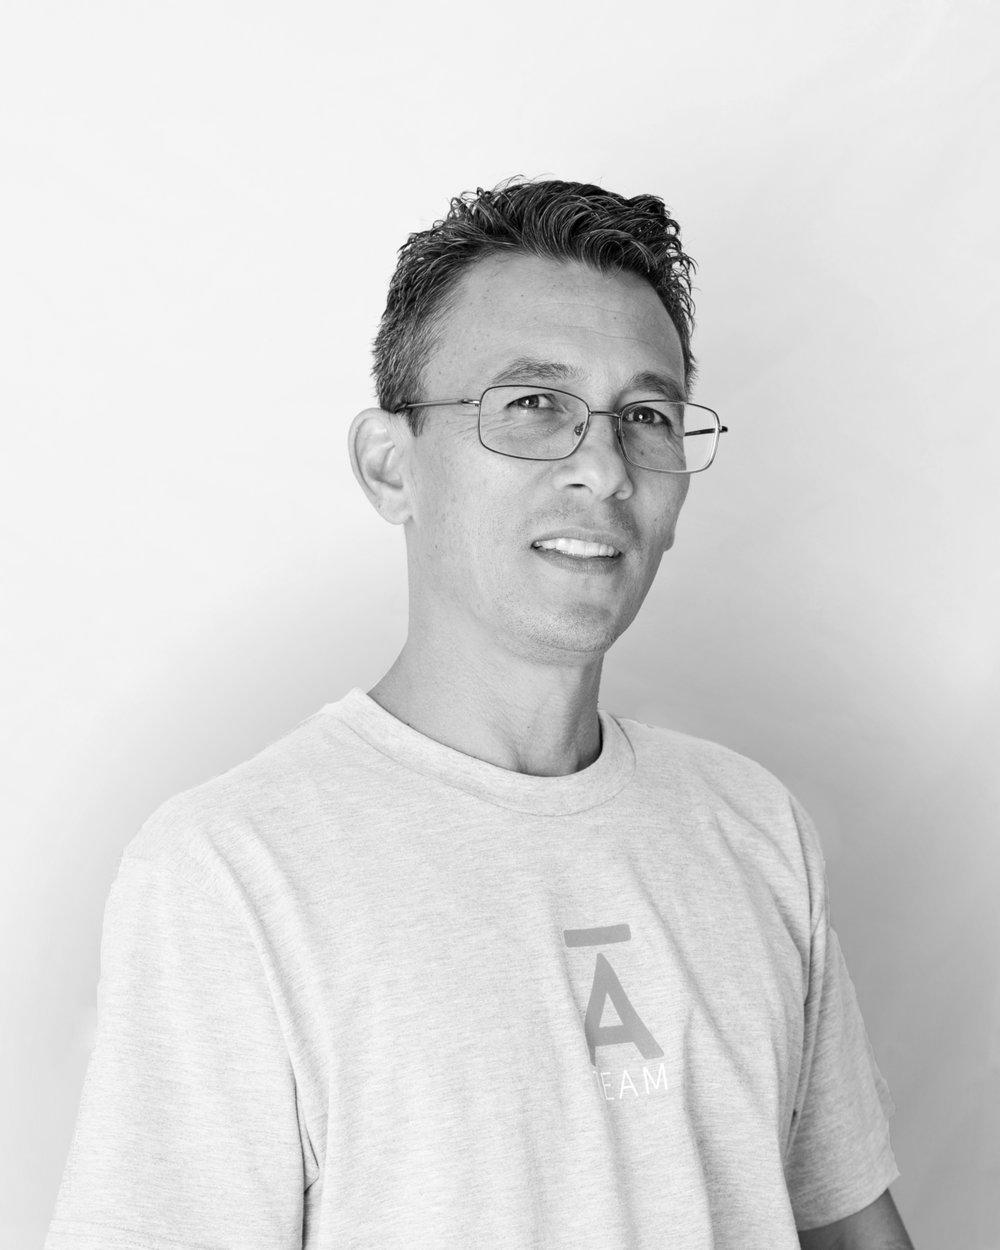 Daniel Fukumoto: Facility/Technical Designer